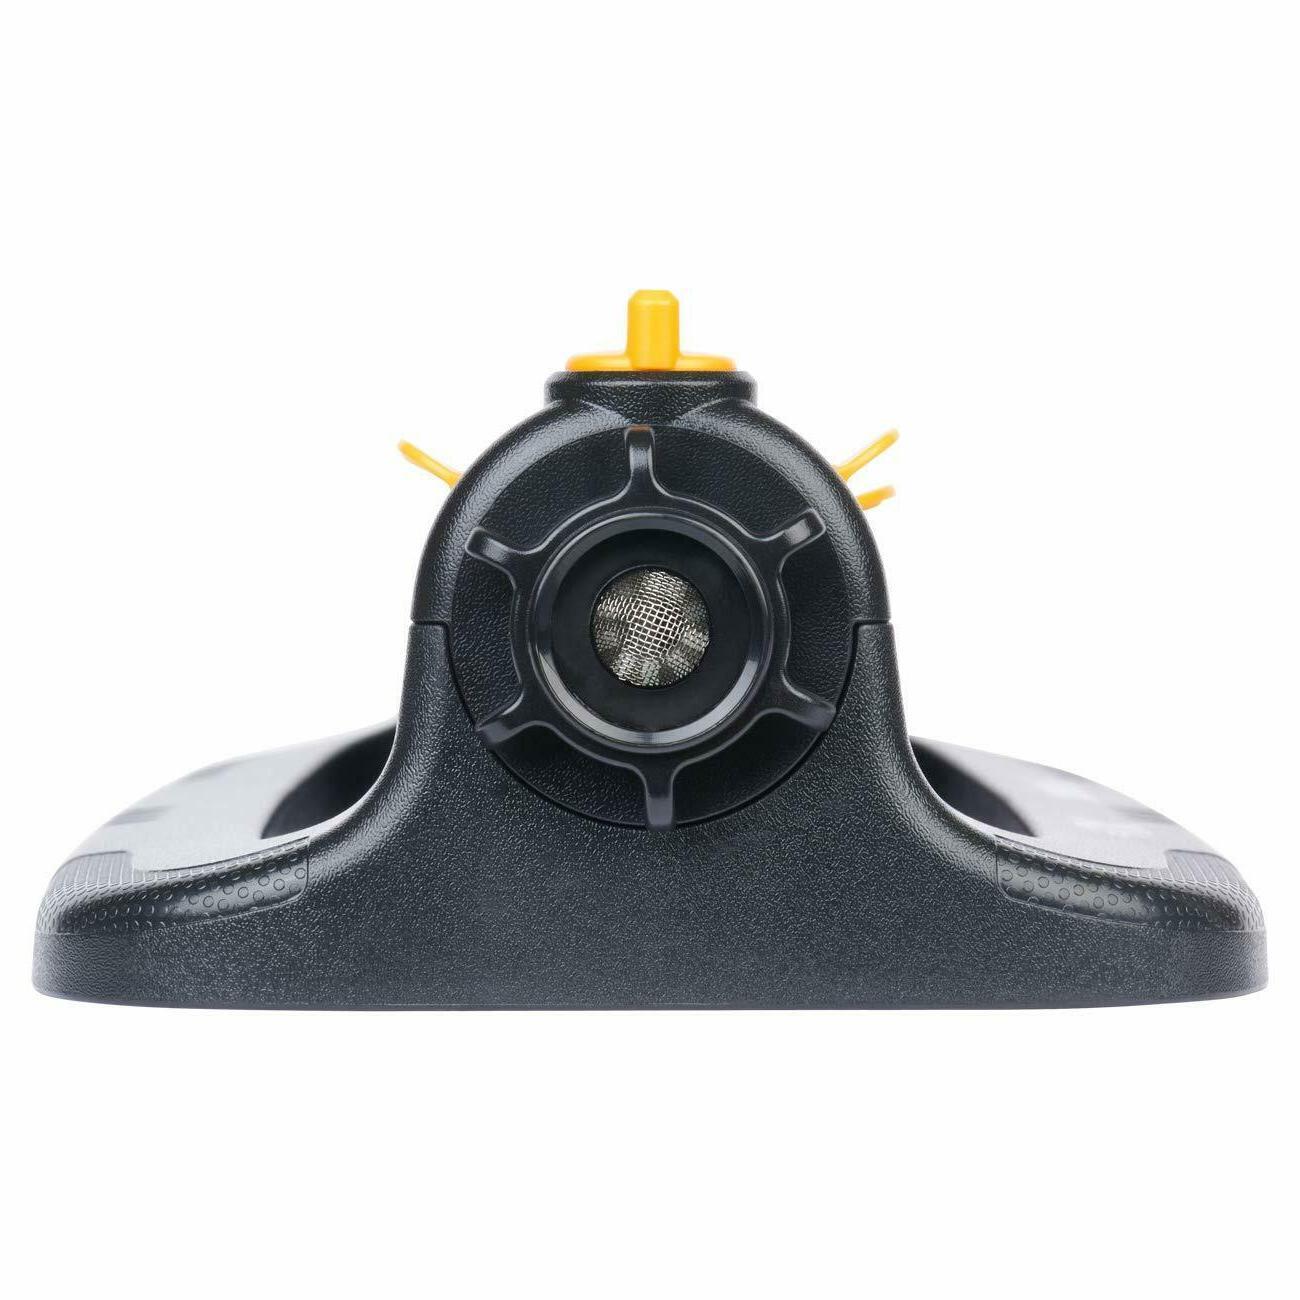 Melnor 65078-AMZ Oscillating Sprinkler with 3-Way Adjustment